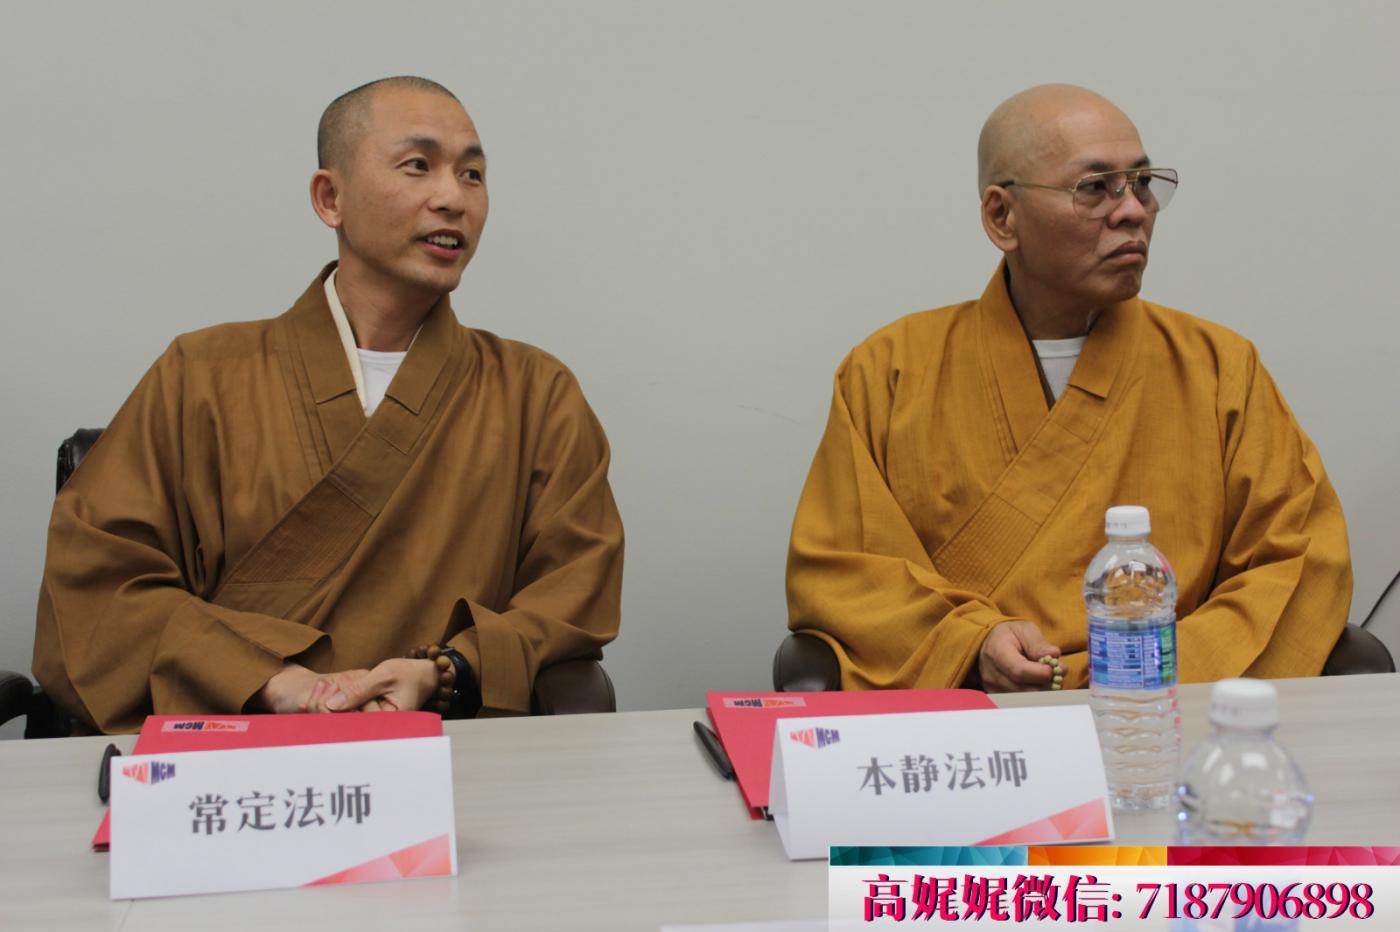 南少林寺首任方丈常定法师美国传佛_图1-10